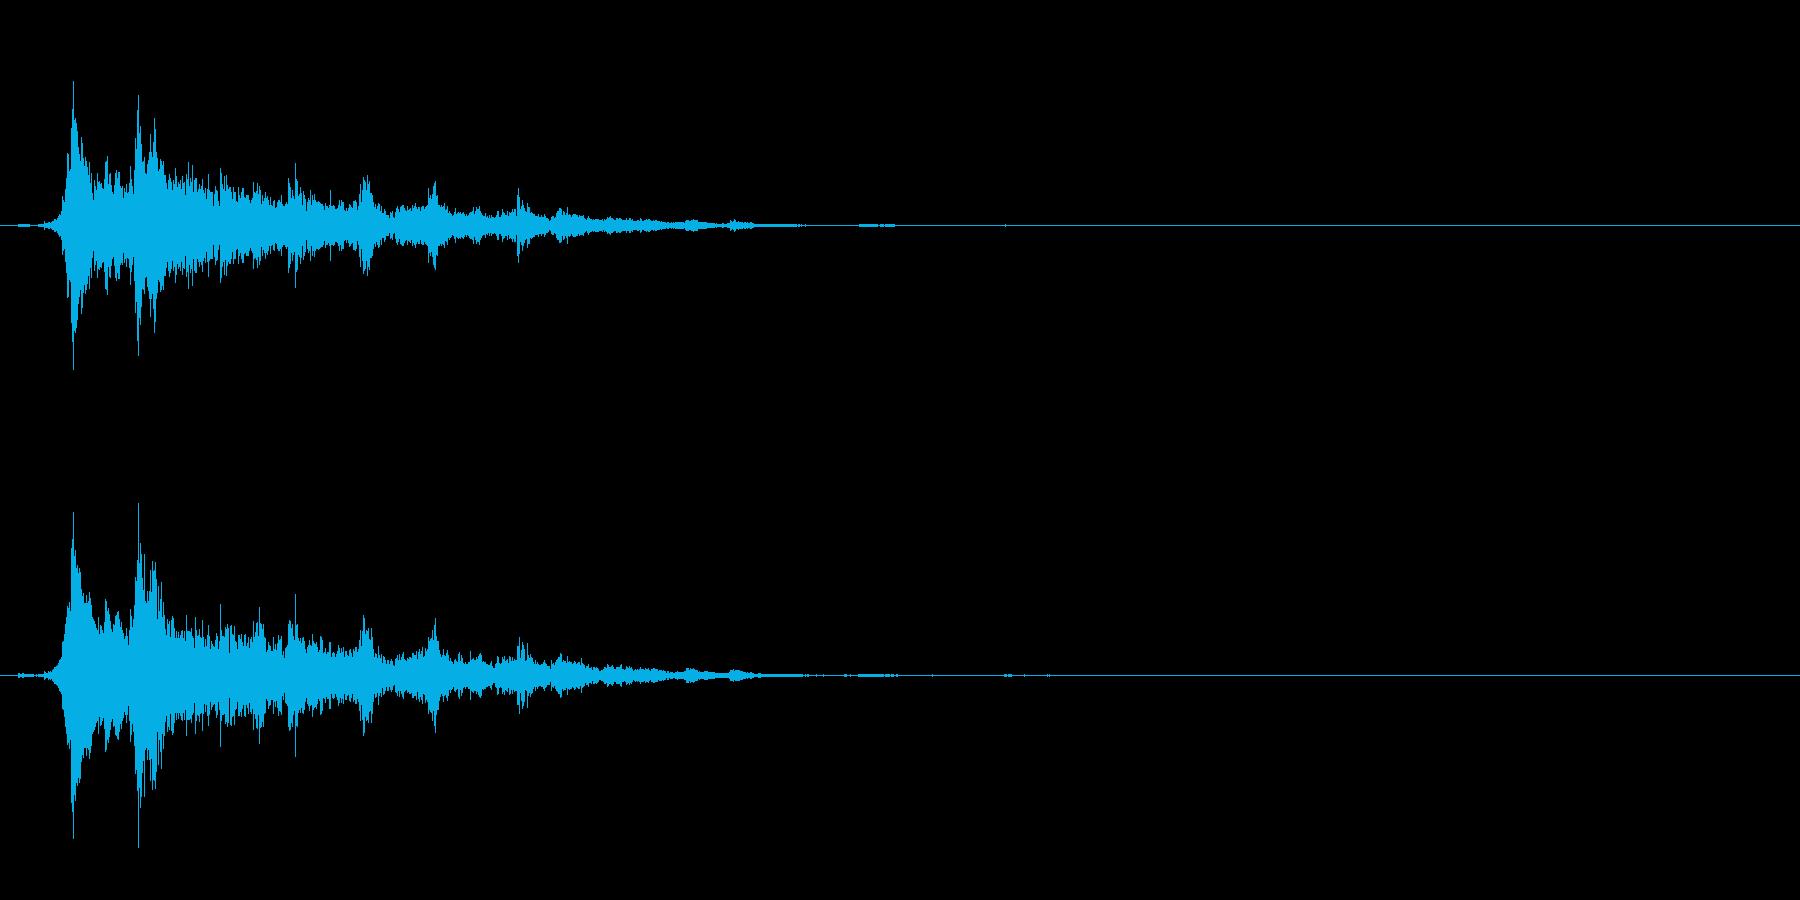 重めの鈴の音「えきろ」の単発音1の再生済みの波形